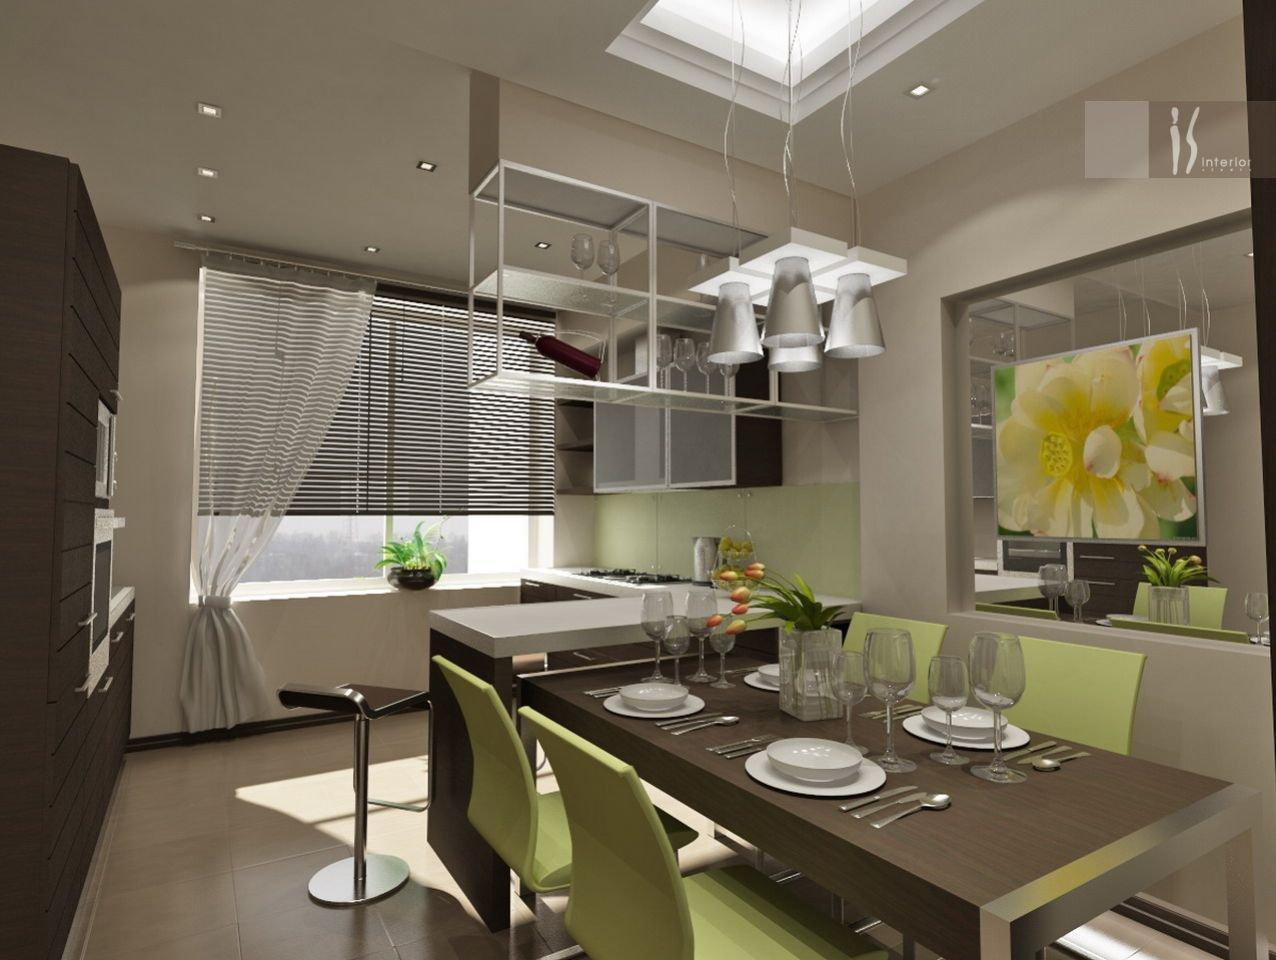 Дизайн кухонь фото интерьера